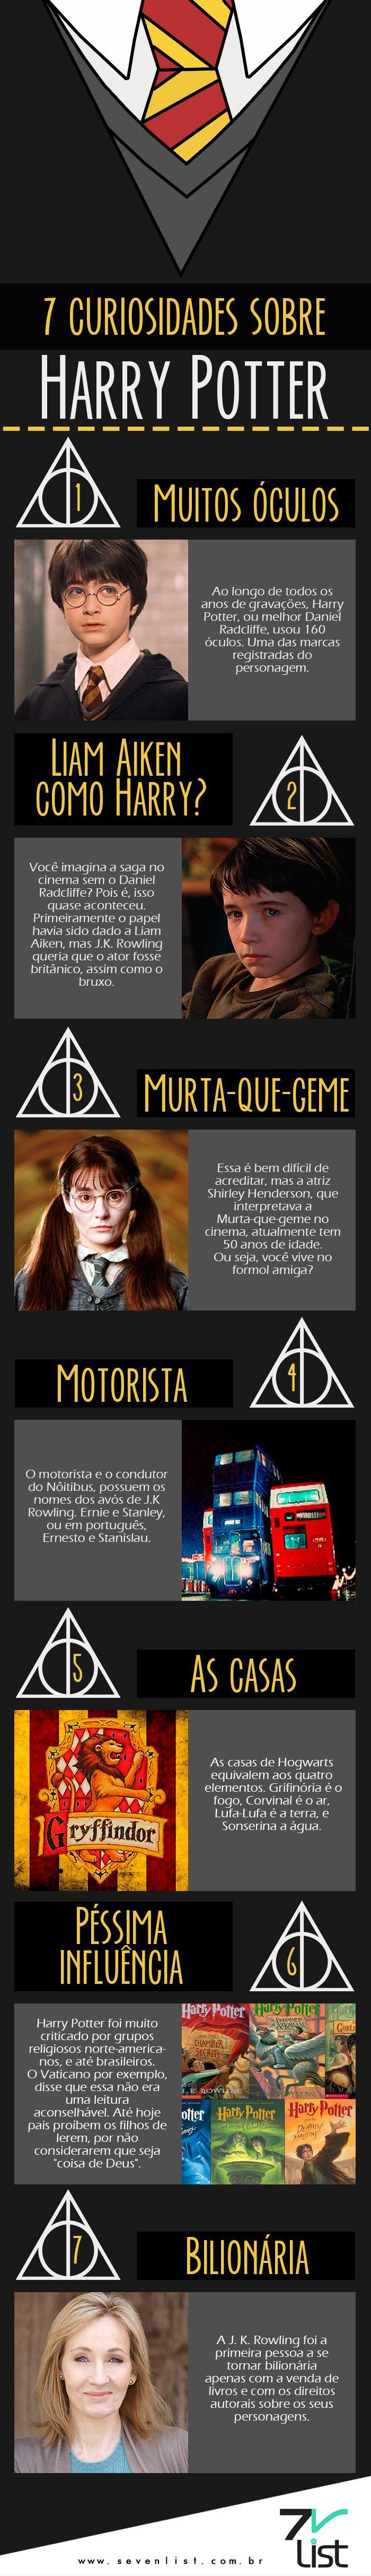 O tempo passa e o bruxinho mais amado de todos os tempos continua mais atual do que nunca. Hoje nós do Seven List separamos 7 curiosidades sobre Harry Potter. #SevenList #HarryPotter #Cinema #Filmes #Movies #Cine #Cinemark #ComicCon #CCXP #Filme #AnimaisFantásticos #Magic #Infográfico #Art